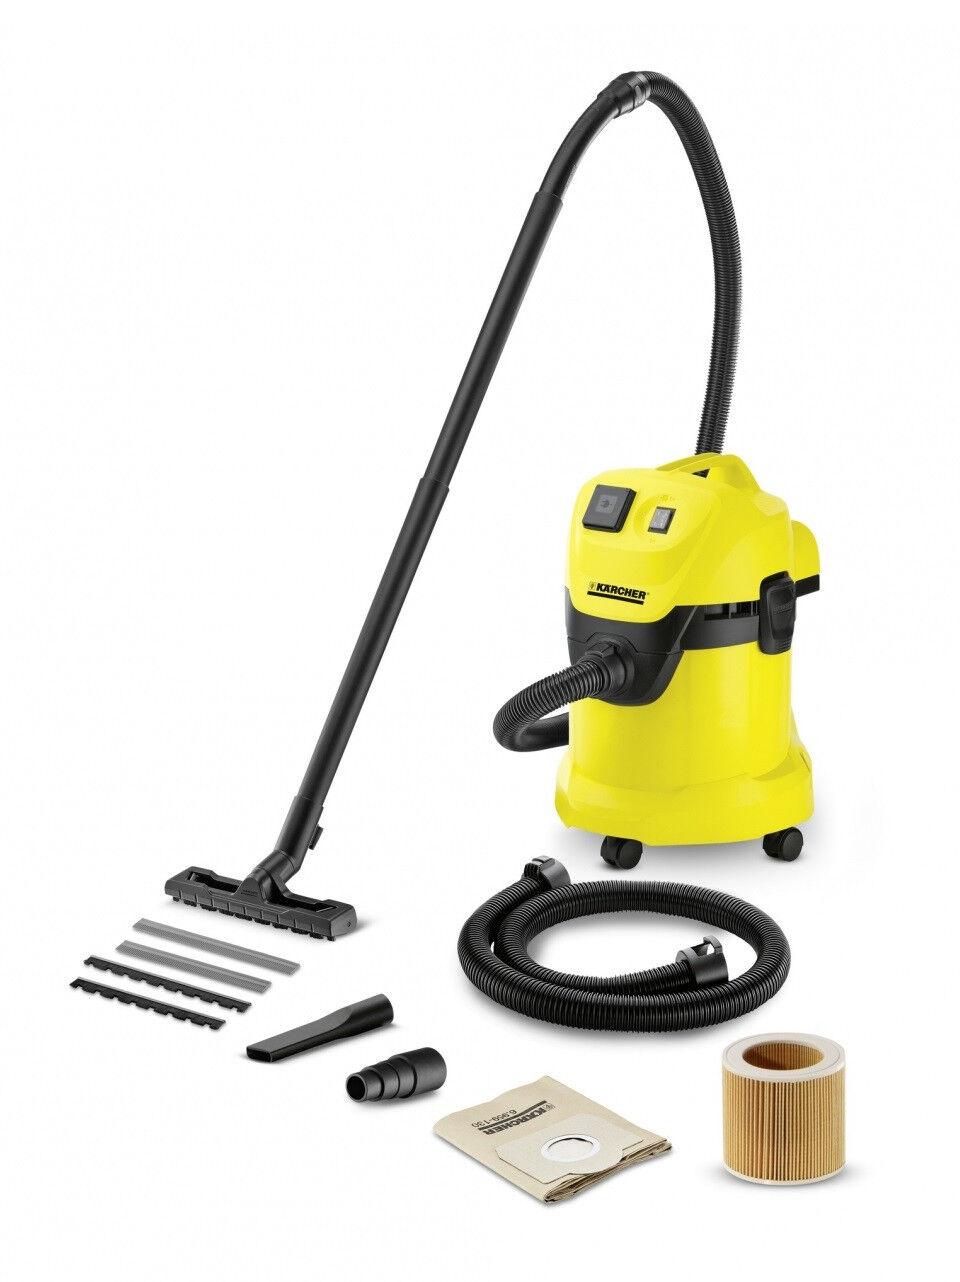 kärcher wd 3 p extension kit nass- trockensauger - gelb | ebay